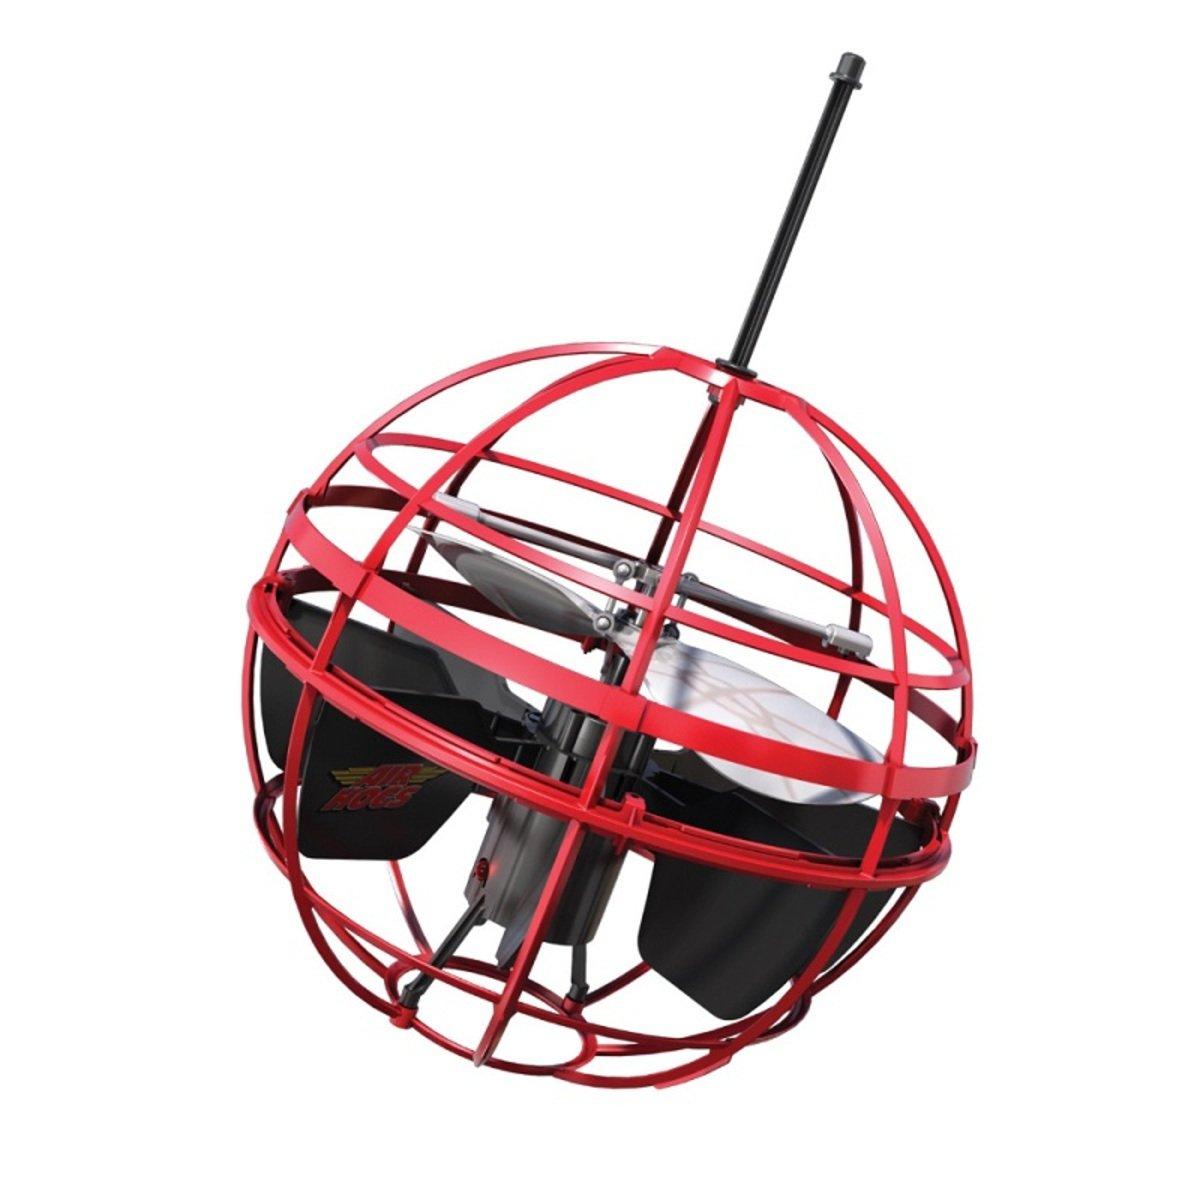 Air Hogs 彈跳球 (紅色)